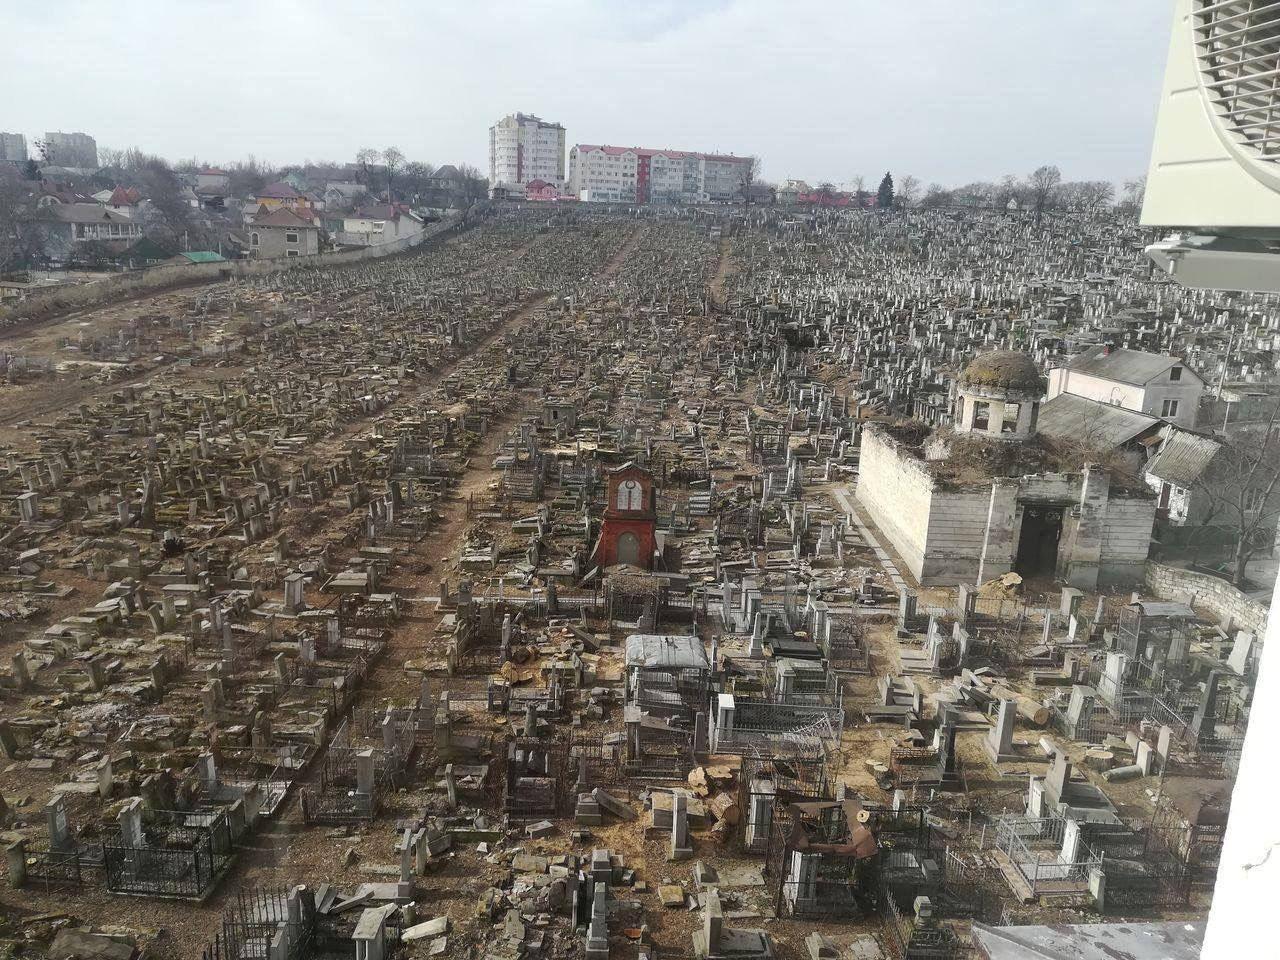 А из нашего окна могила старая видна. Вид с высоты жилой новостройки на еврейское кладбище